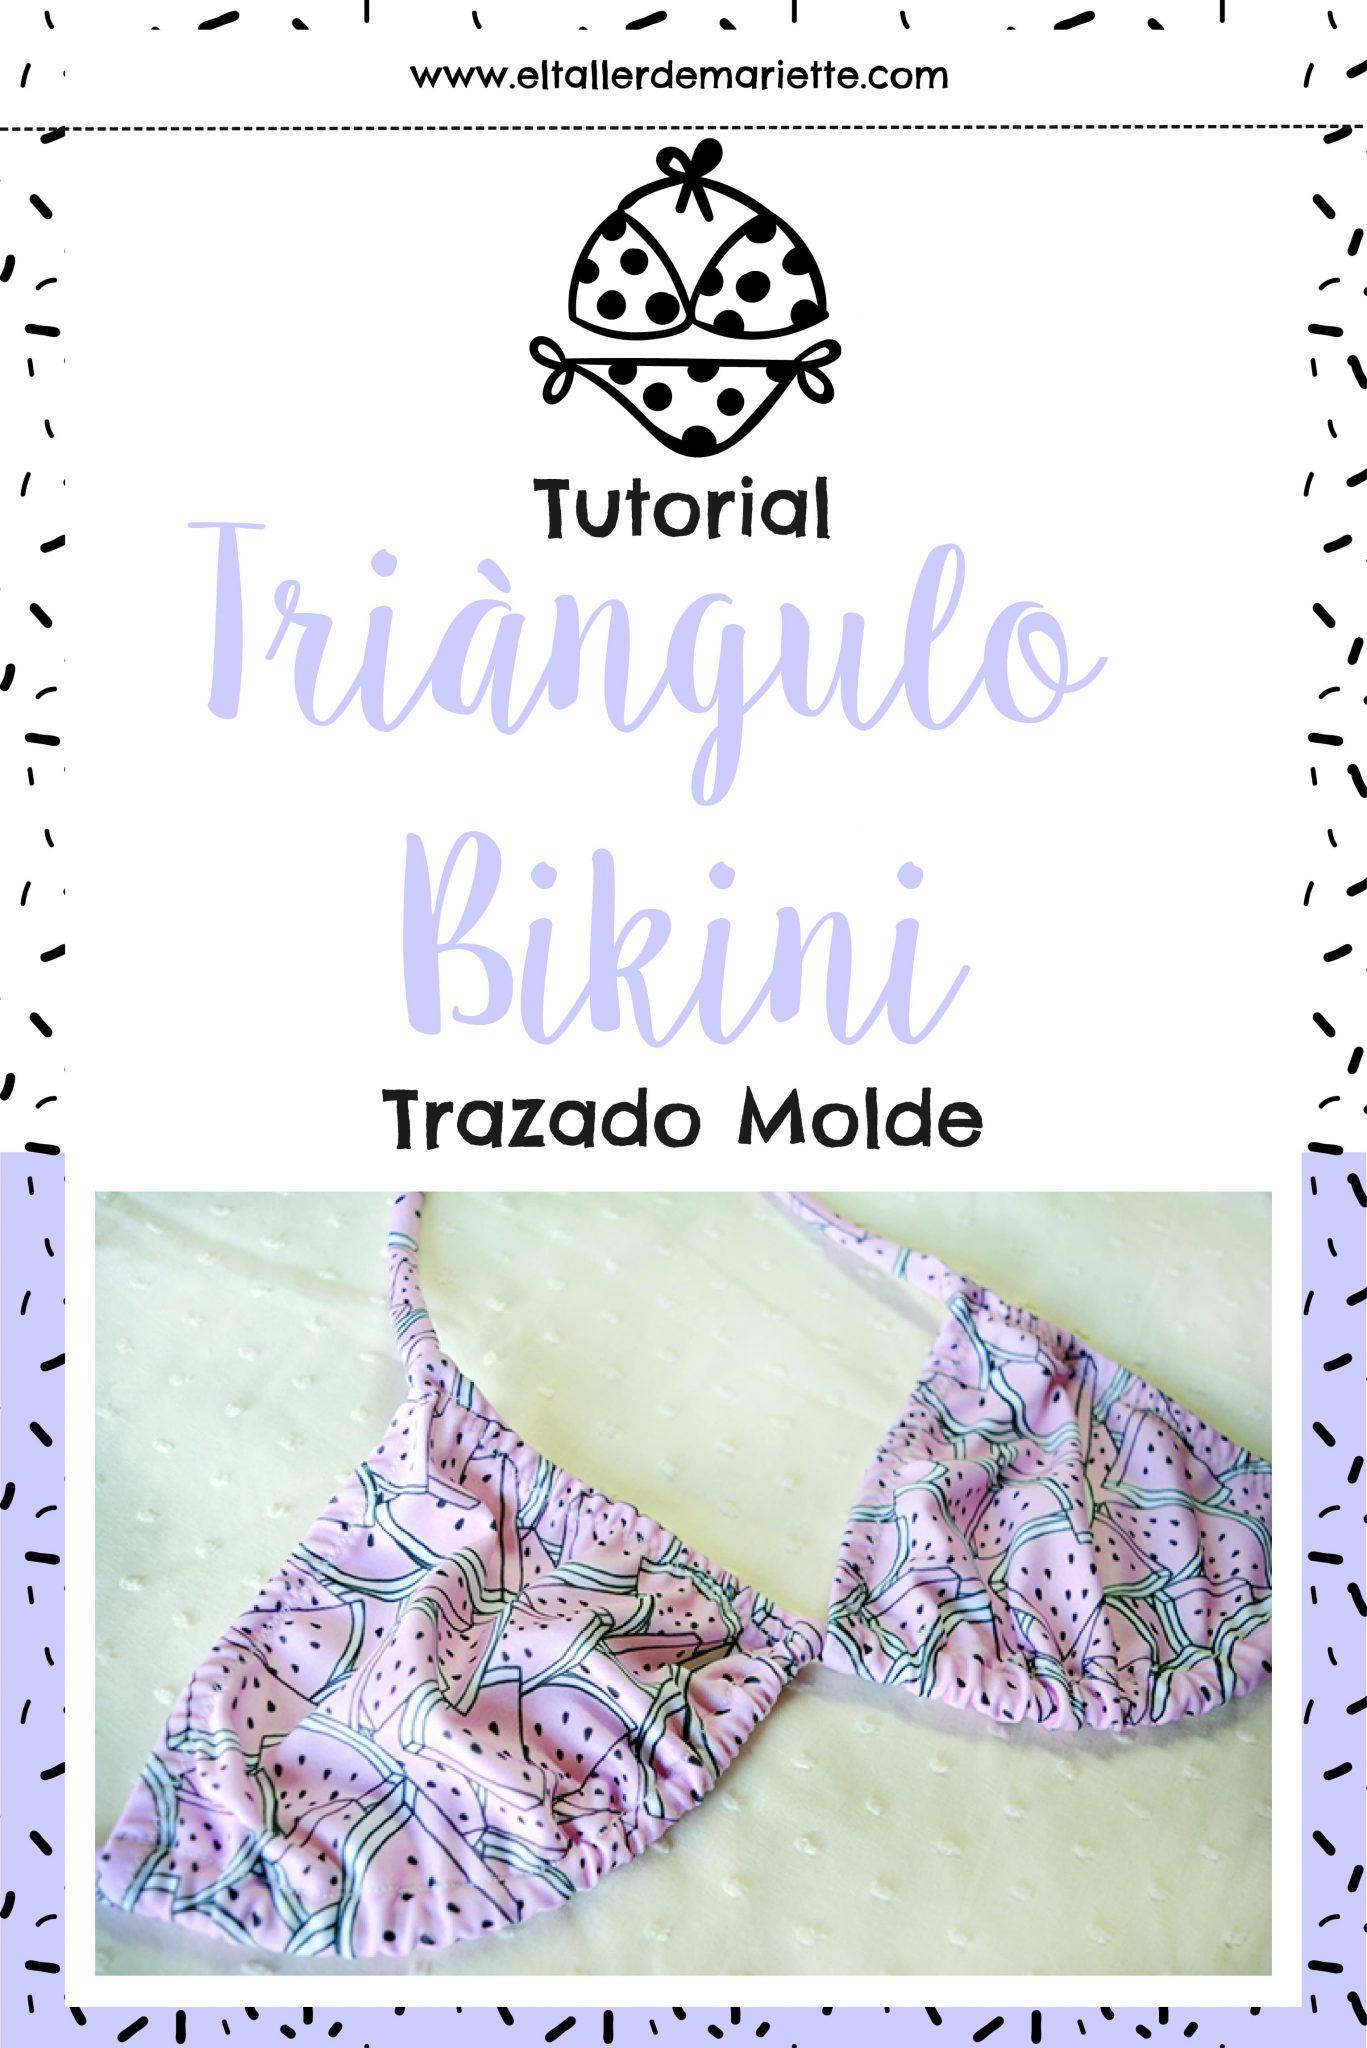 Tutorial: ¿Cómo hacer el molde del Triángulo Bikini? | El Taller de ...